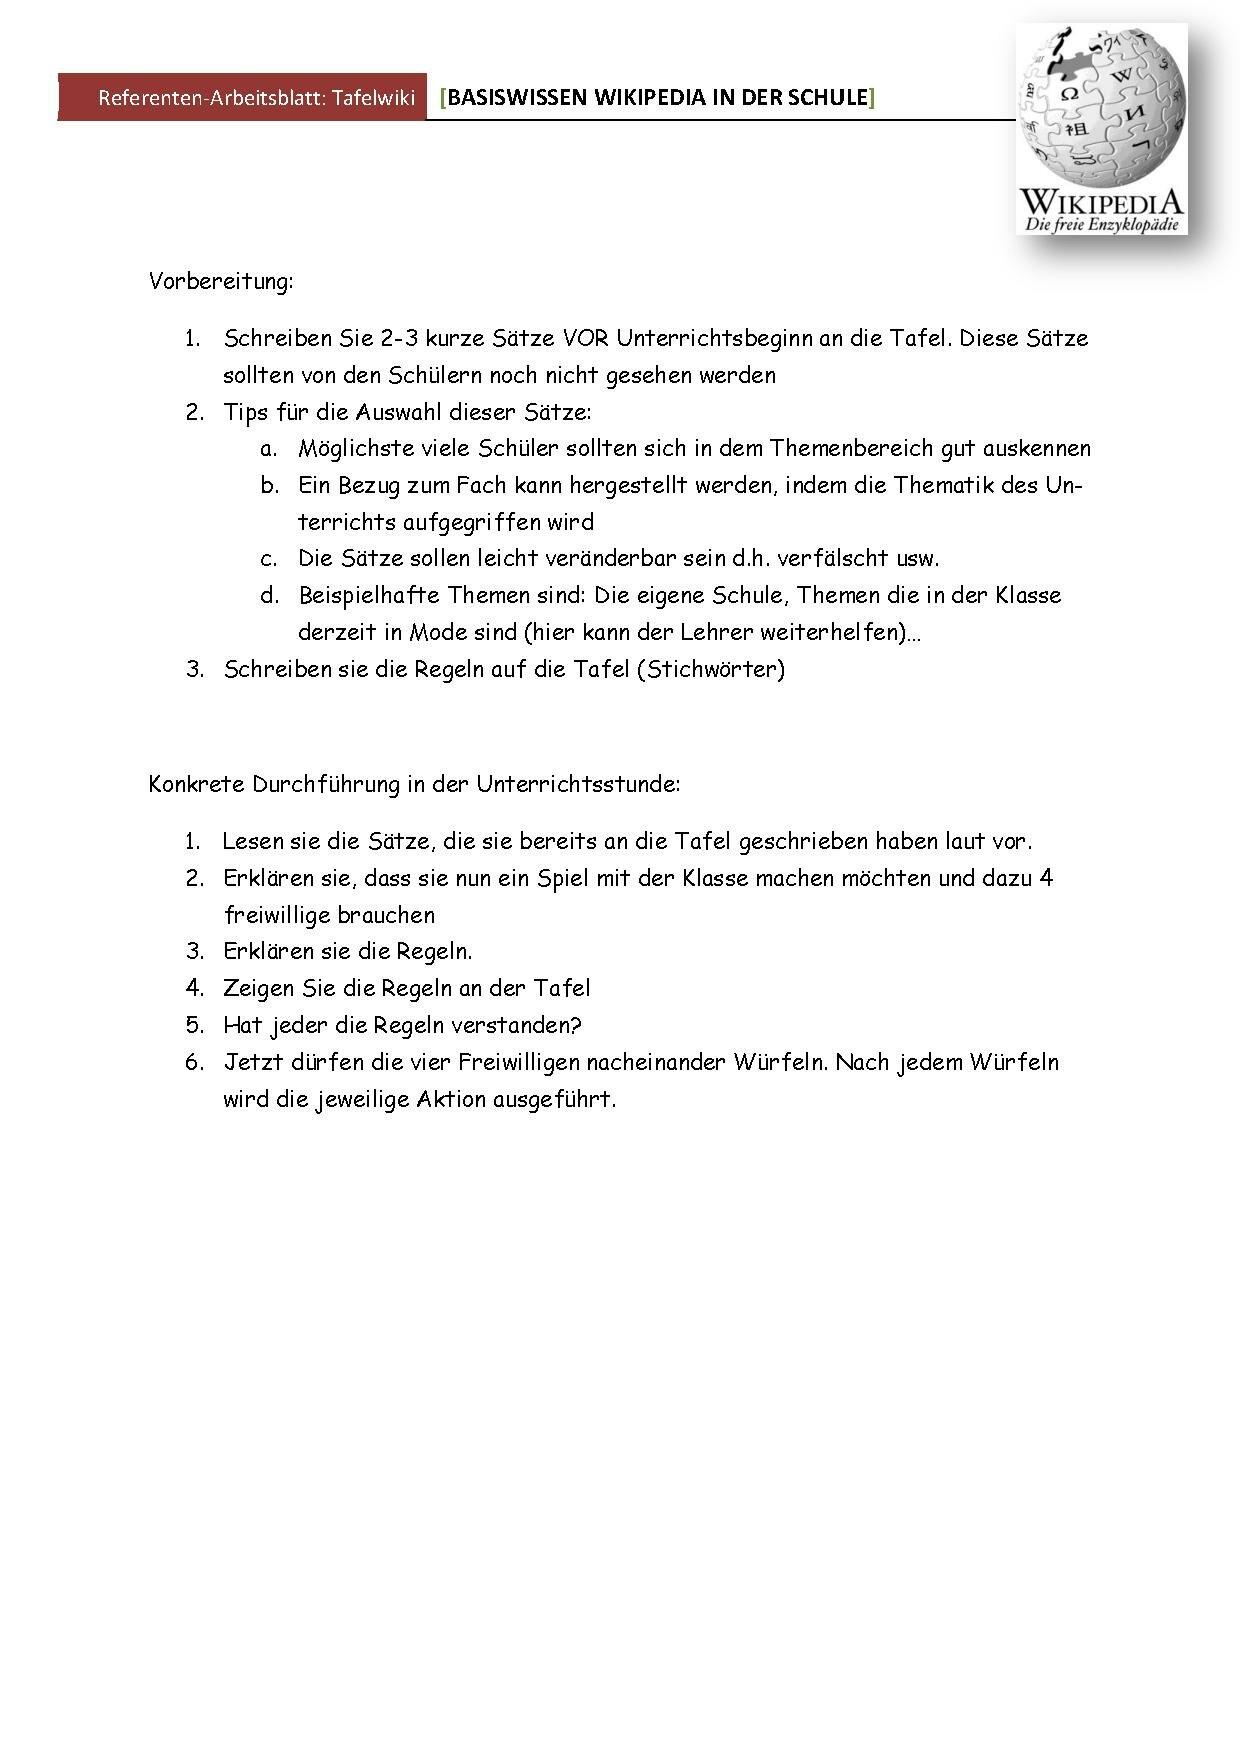 Wikipedia und Schule/Unterrichtsmodule/Fotos und Urheberrecht ...